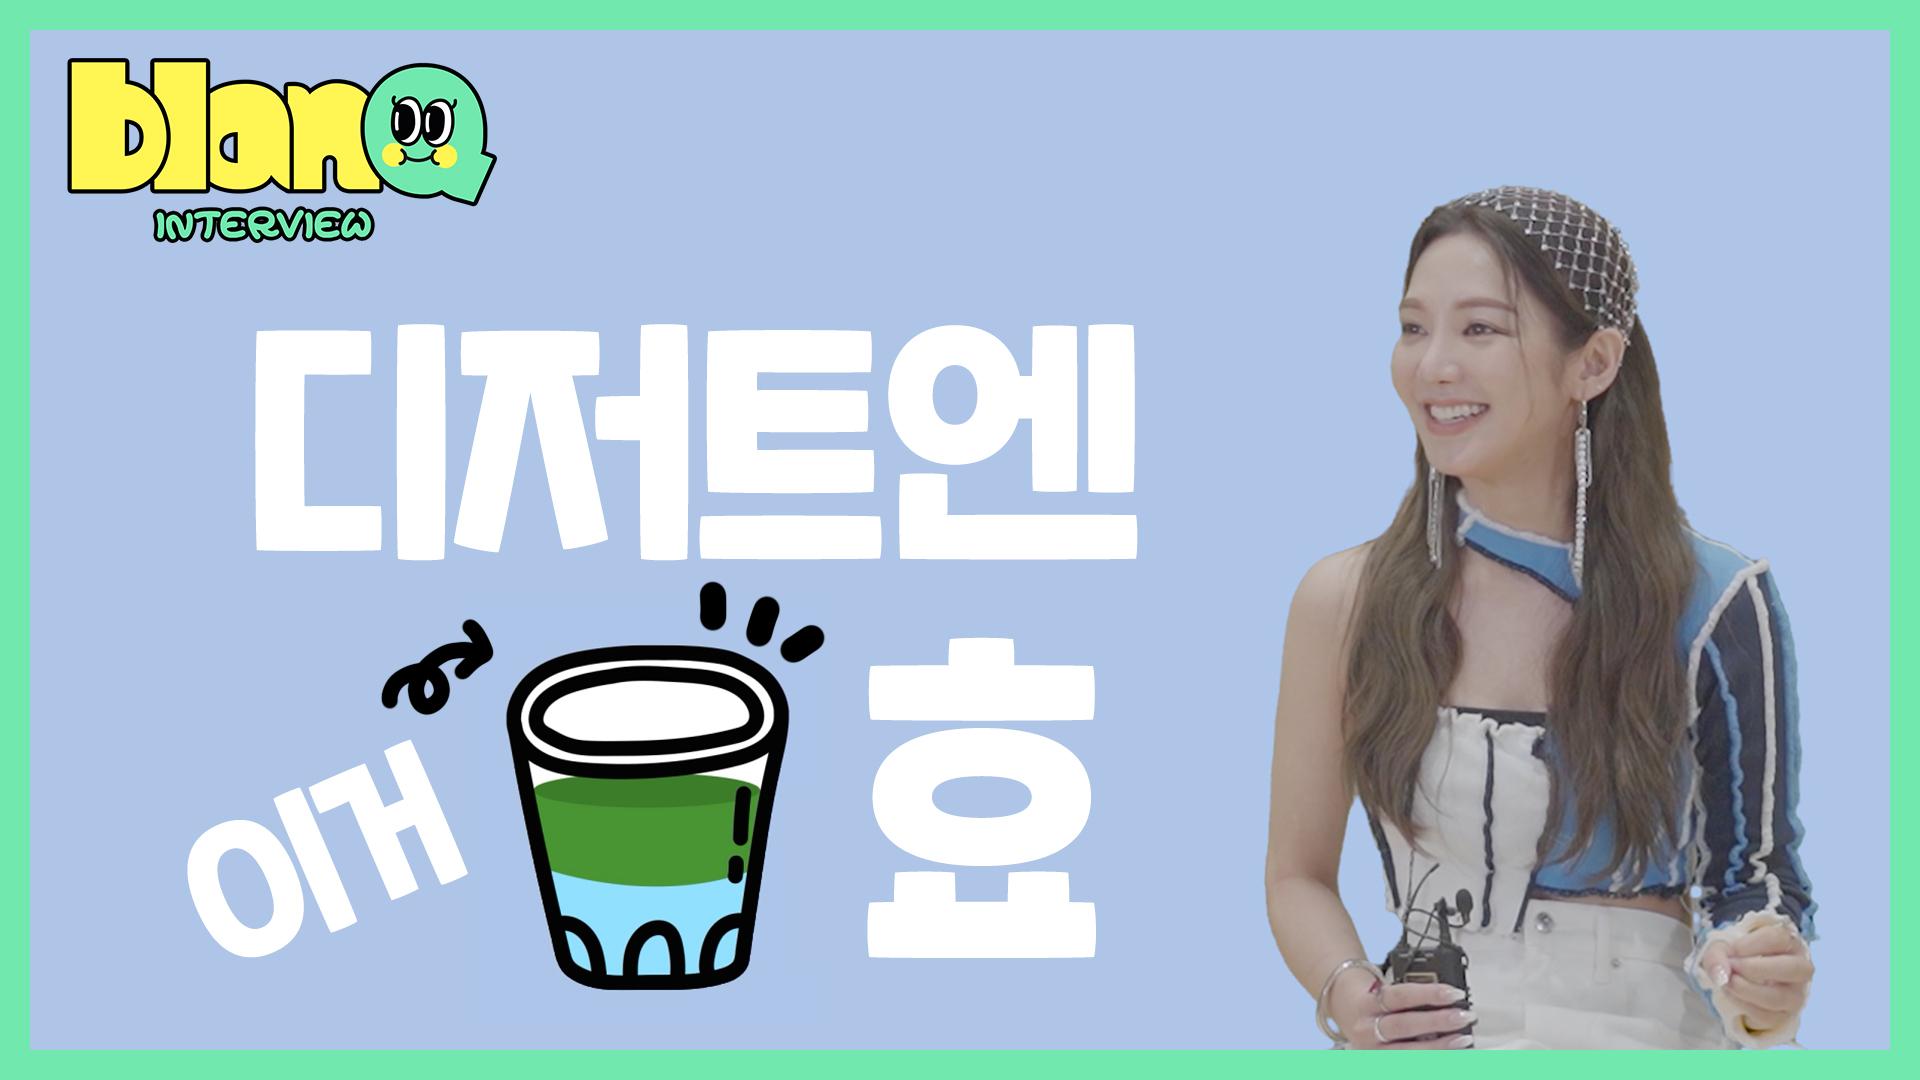 blanQ interview 👀 효연이 먹는 물은 따로 있다?!